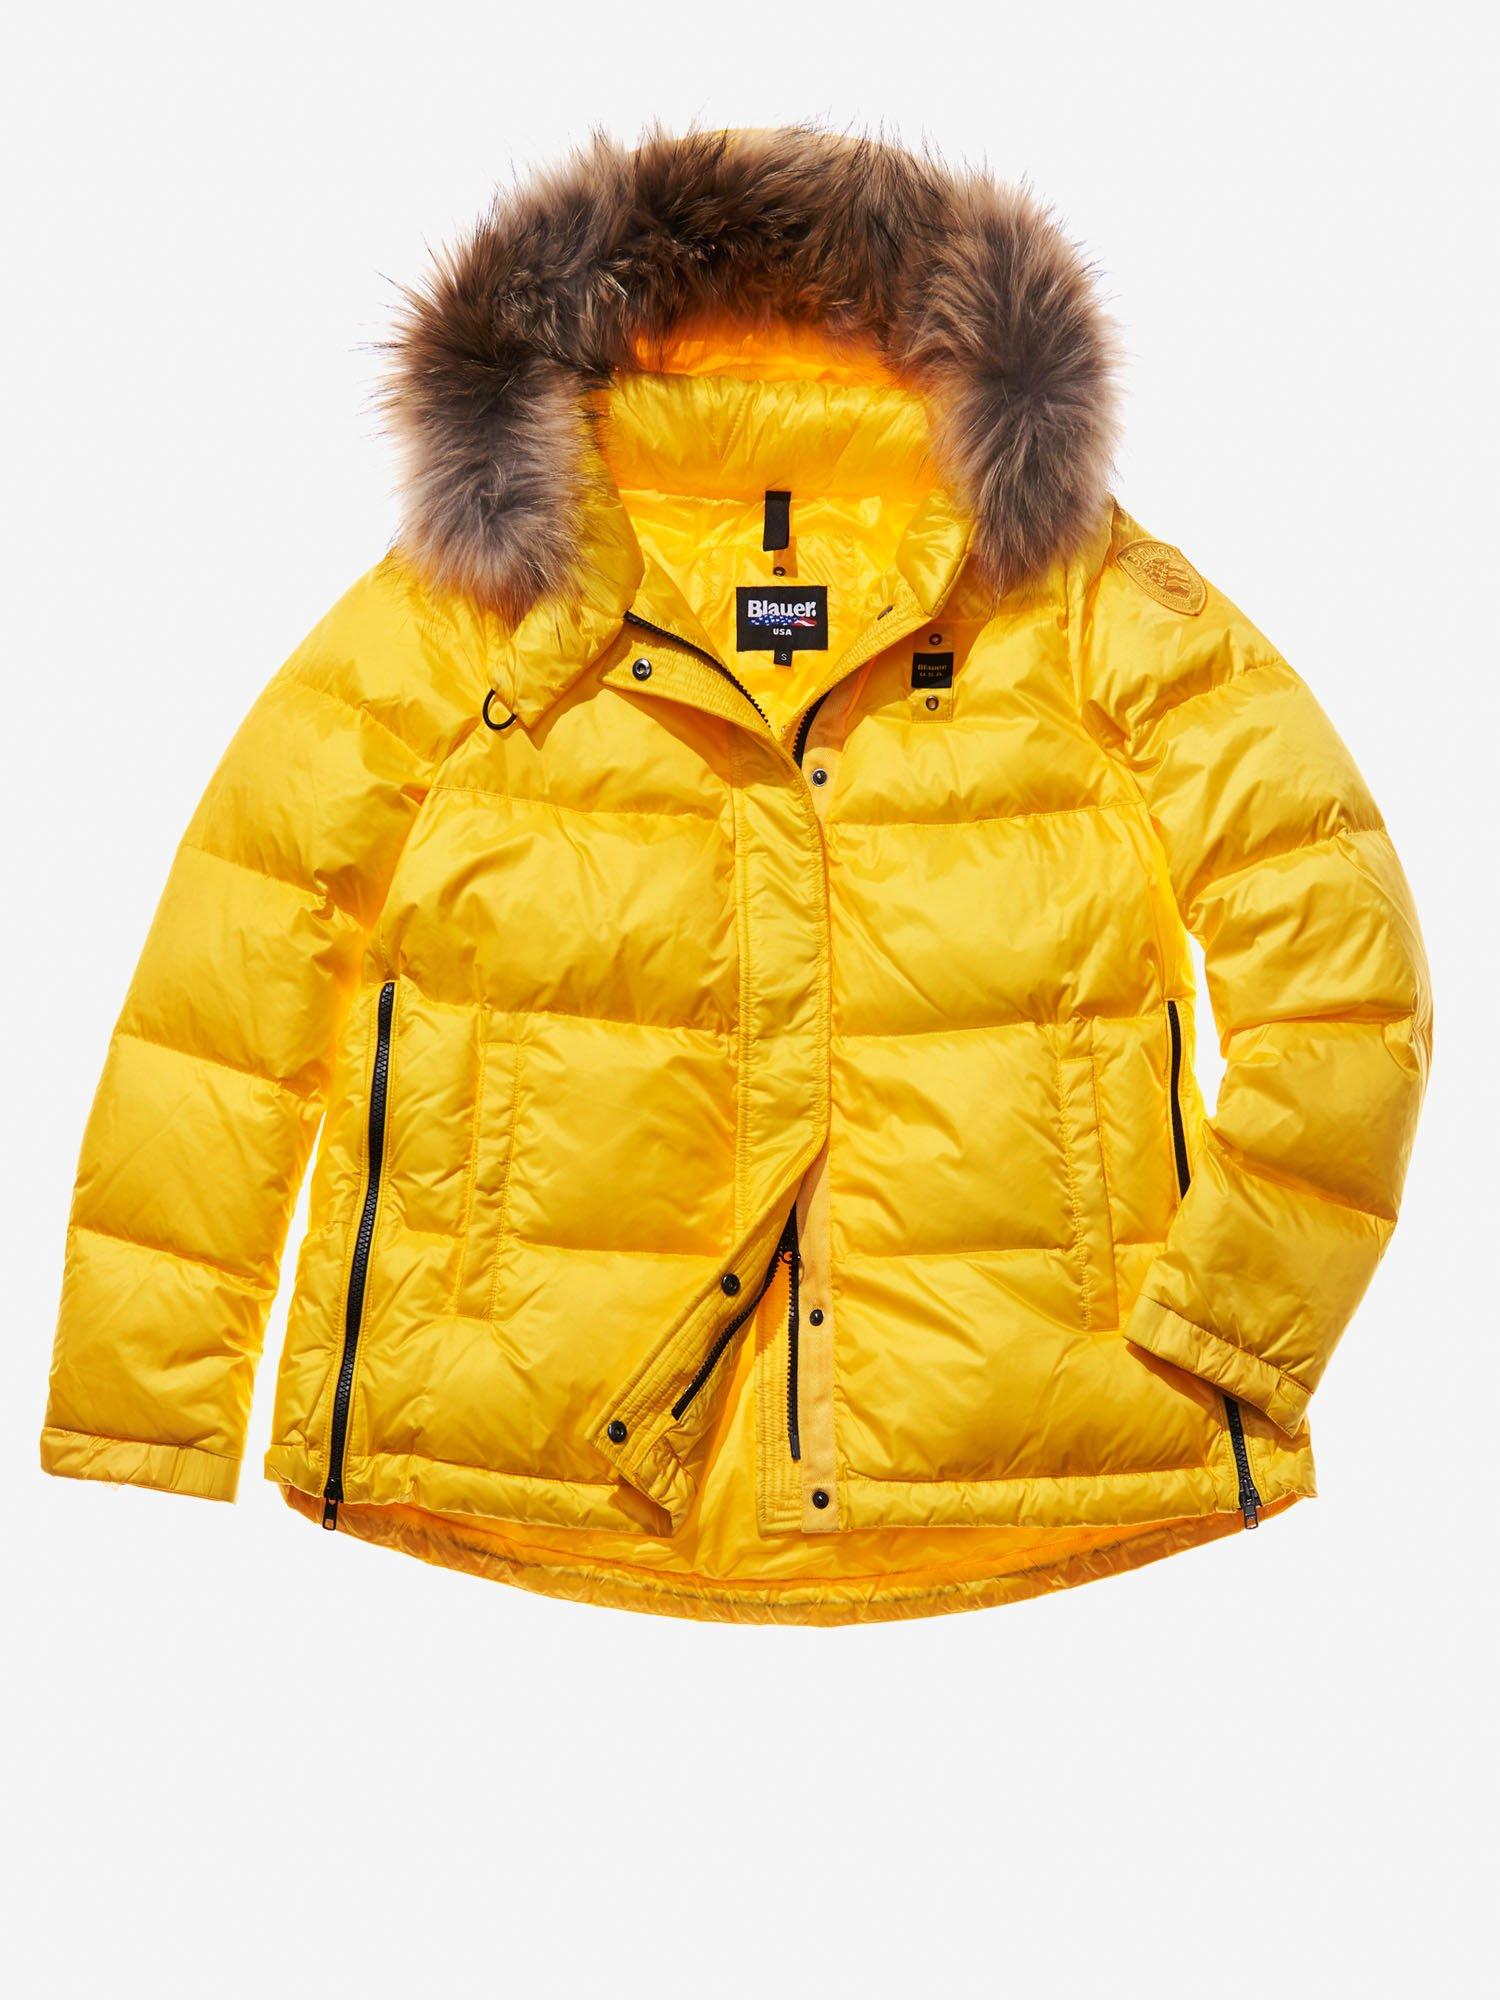 Blauer Oficial Y Usa® De Tienda Chaquetas Online Mujer Abrigos RwCYqg